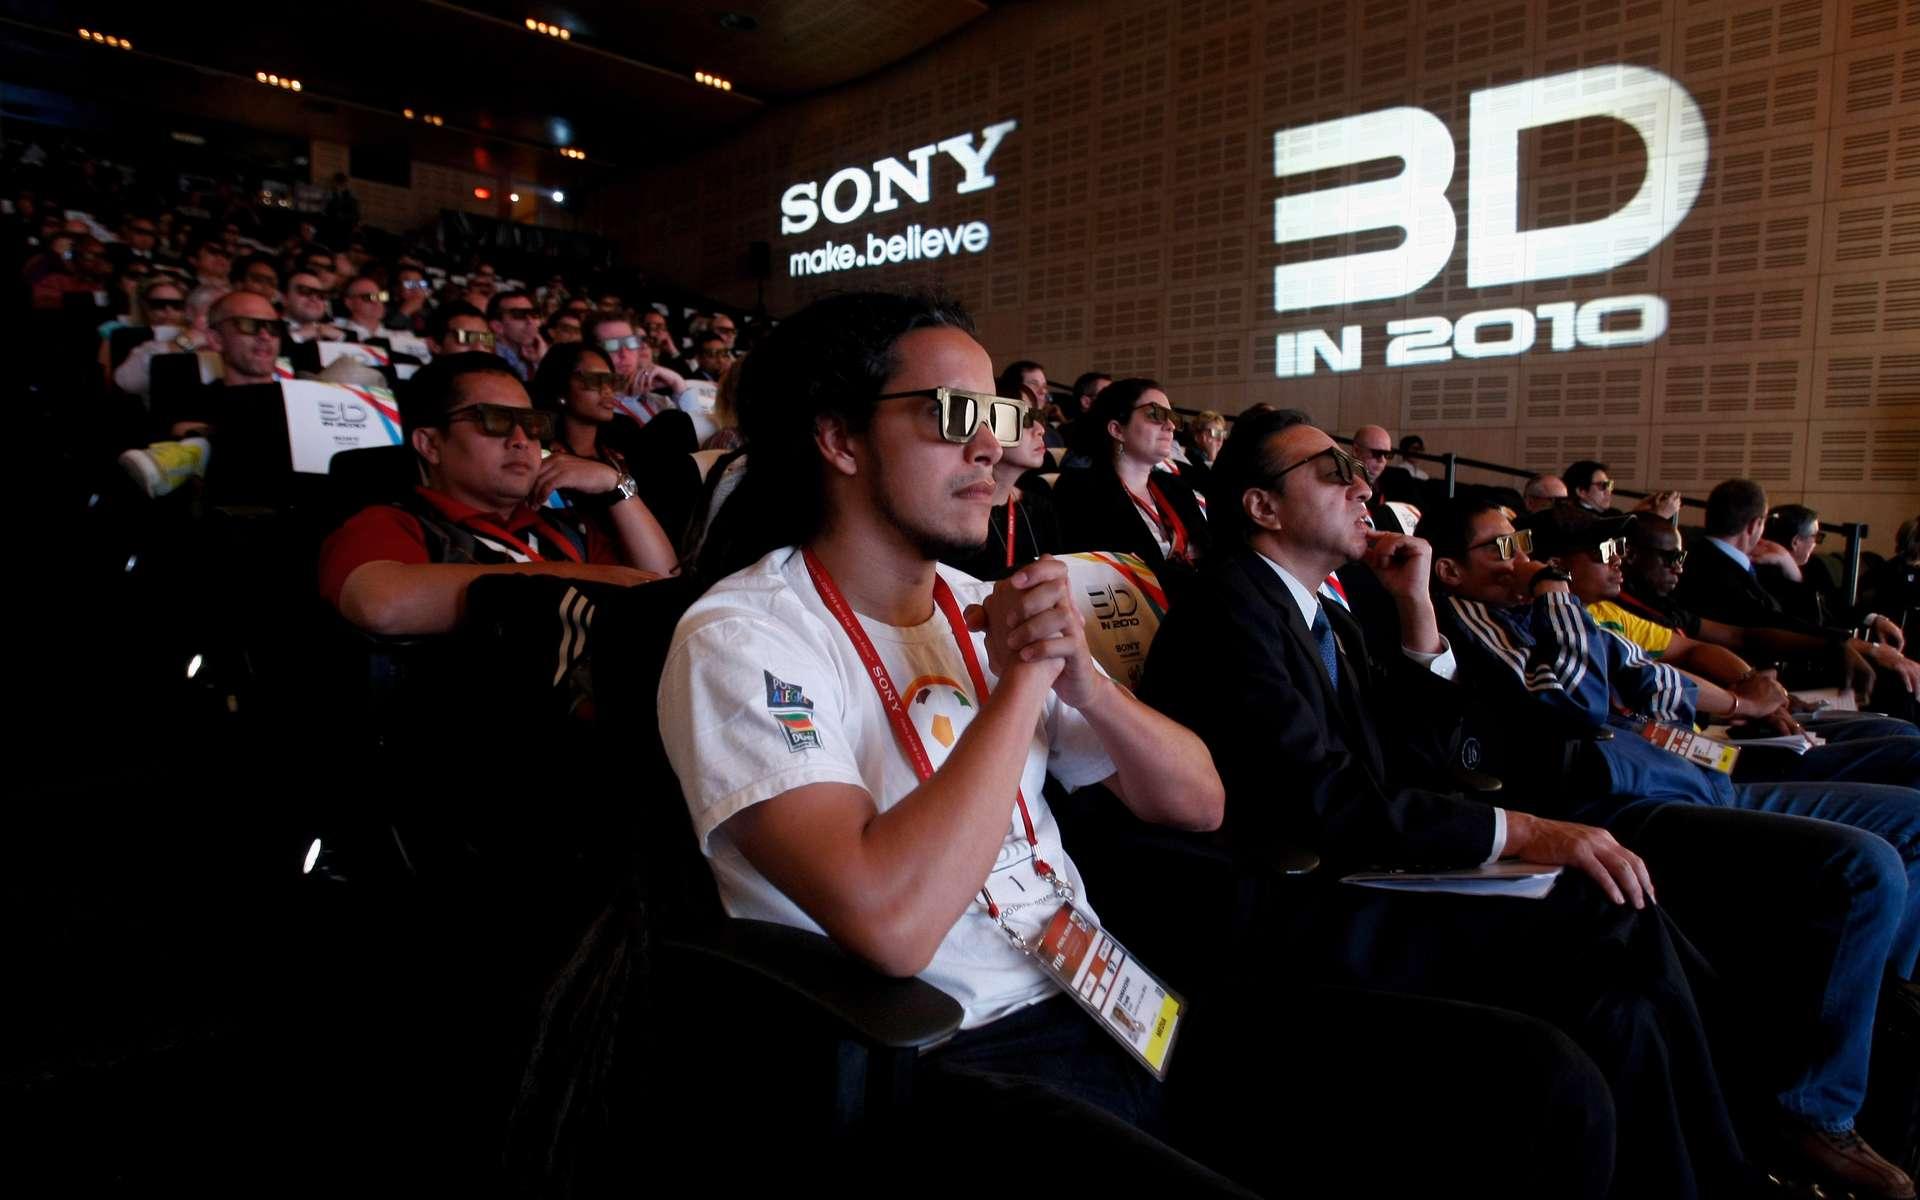 Les films 3D deviendront légion. © Getty